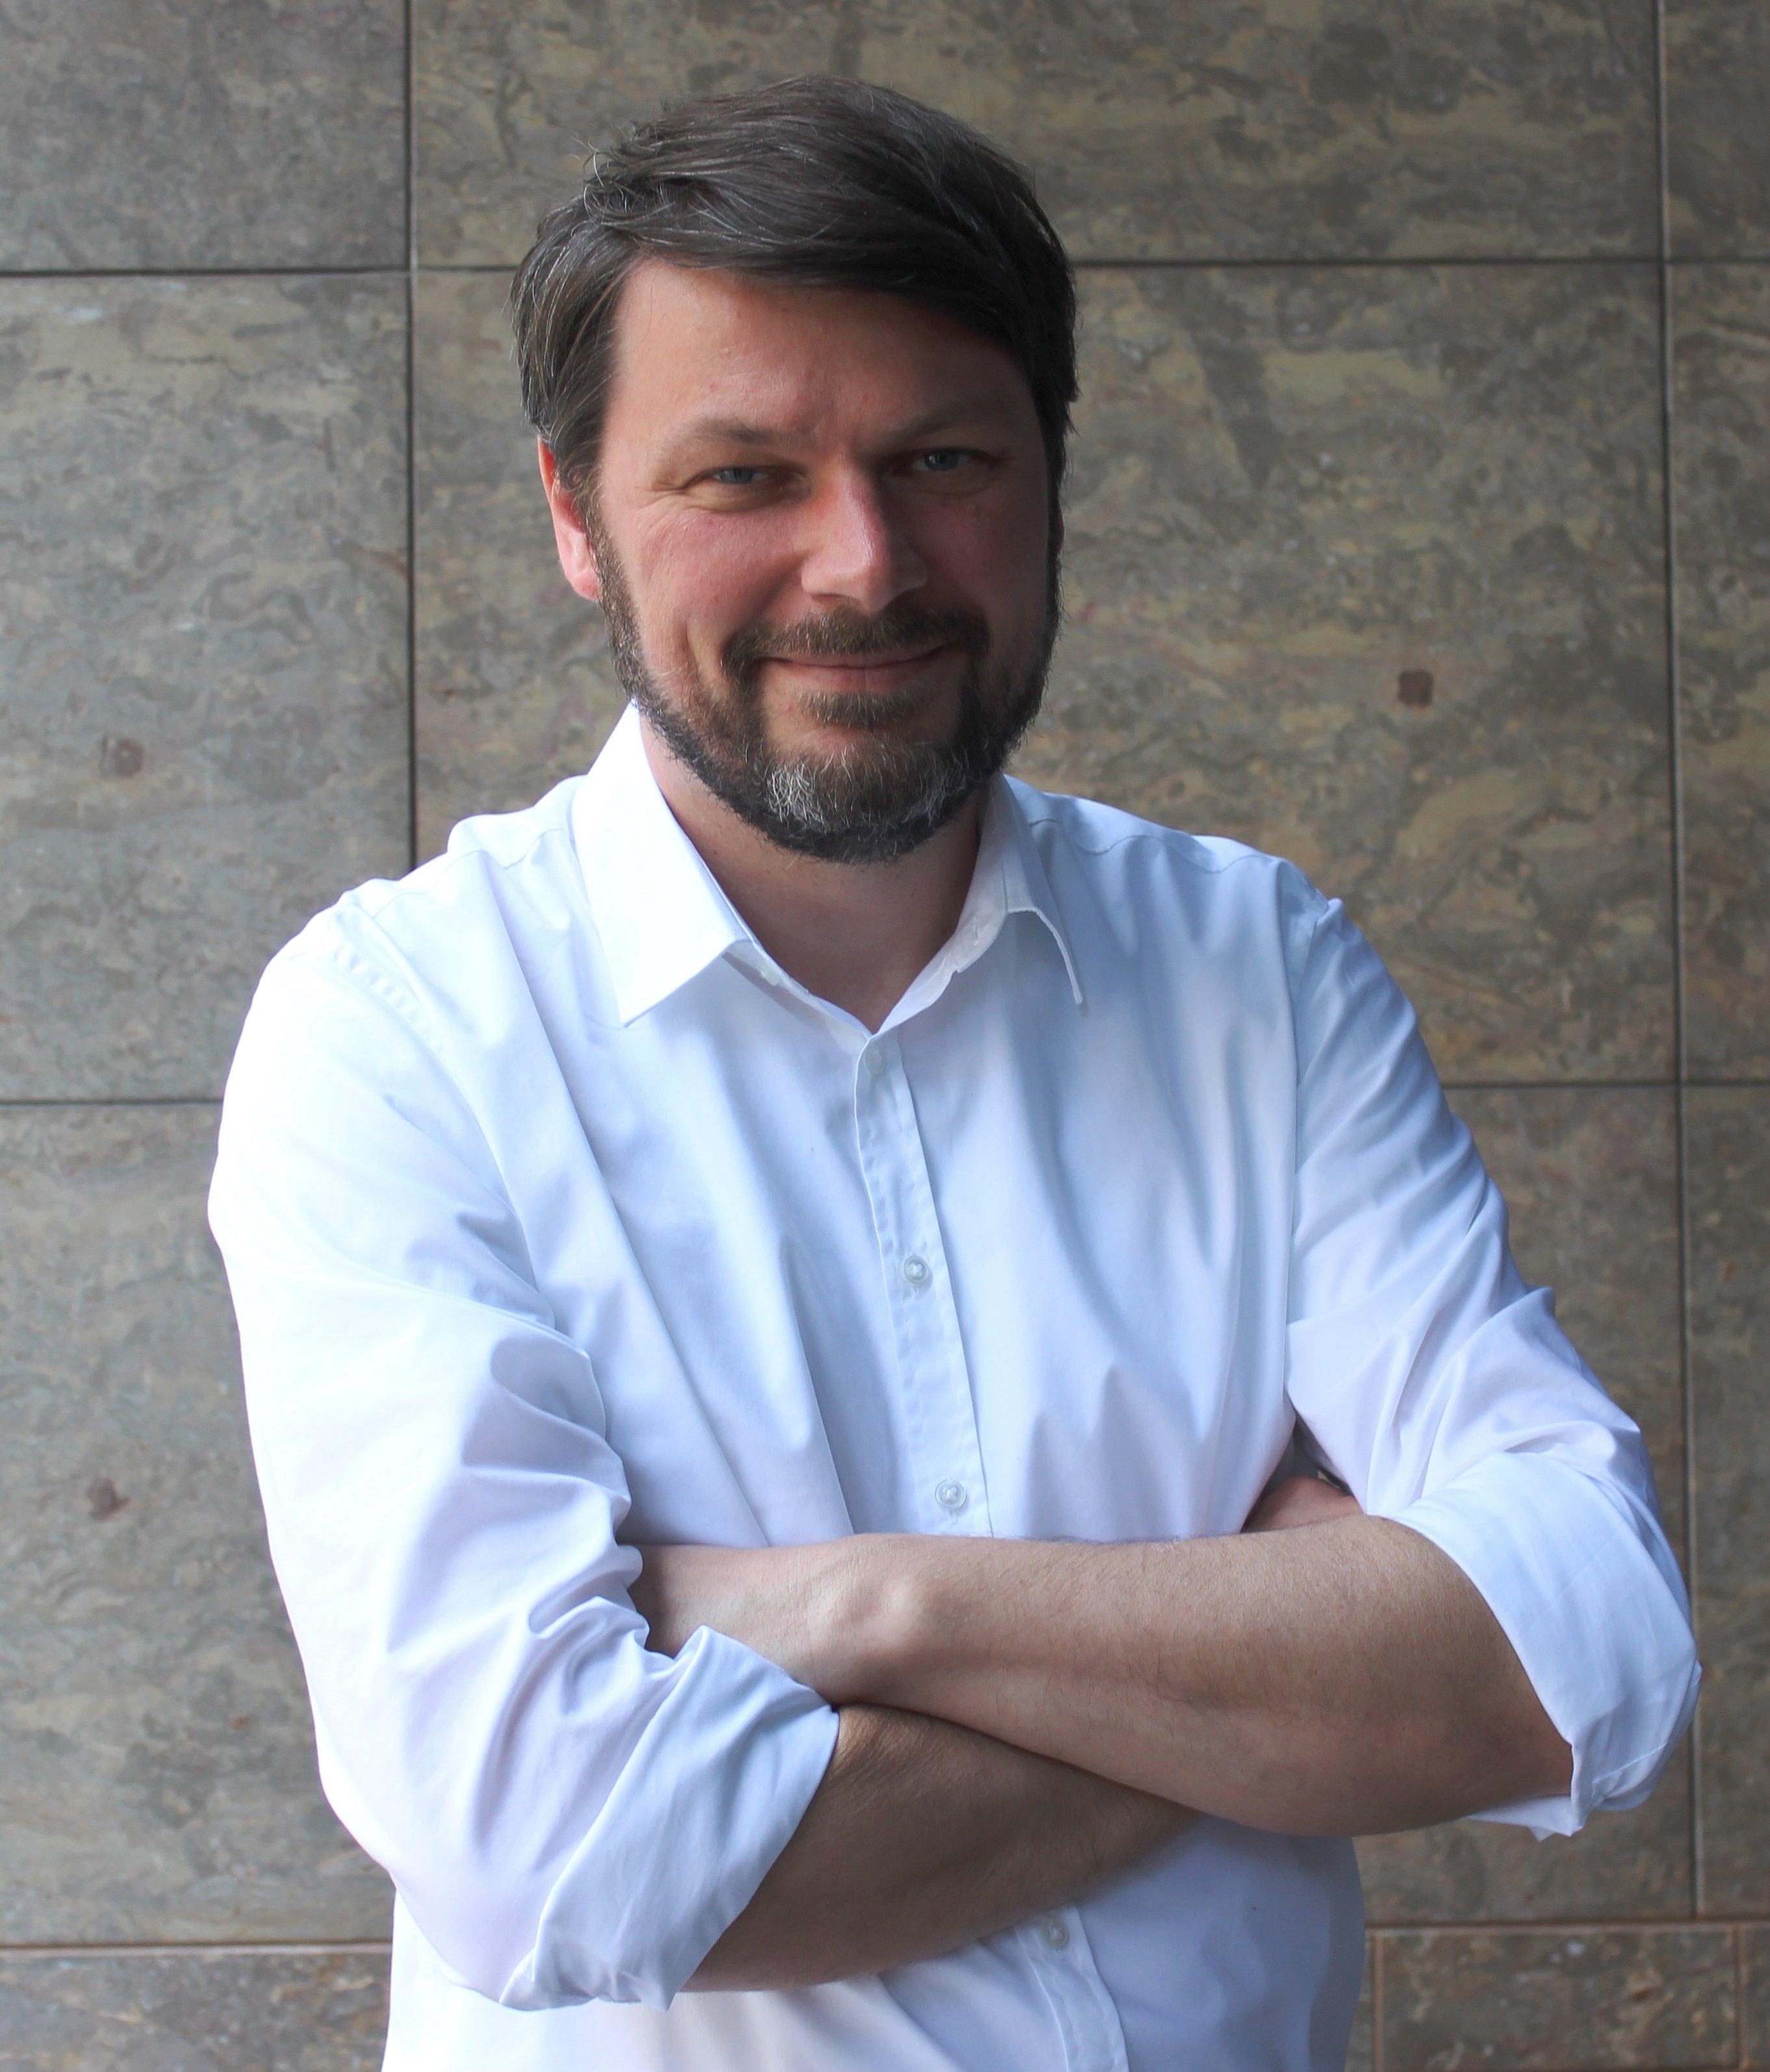 Stefan Bischoff ist Geschäftsführer von MAS Partners und hat ein Modell für Zielgruppen entworfen. Foto: Stefan Bischoff